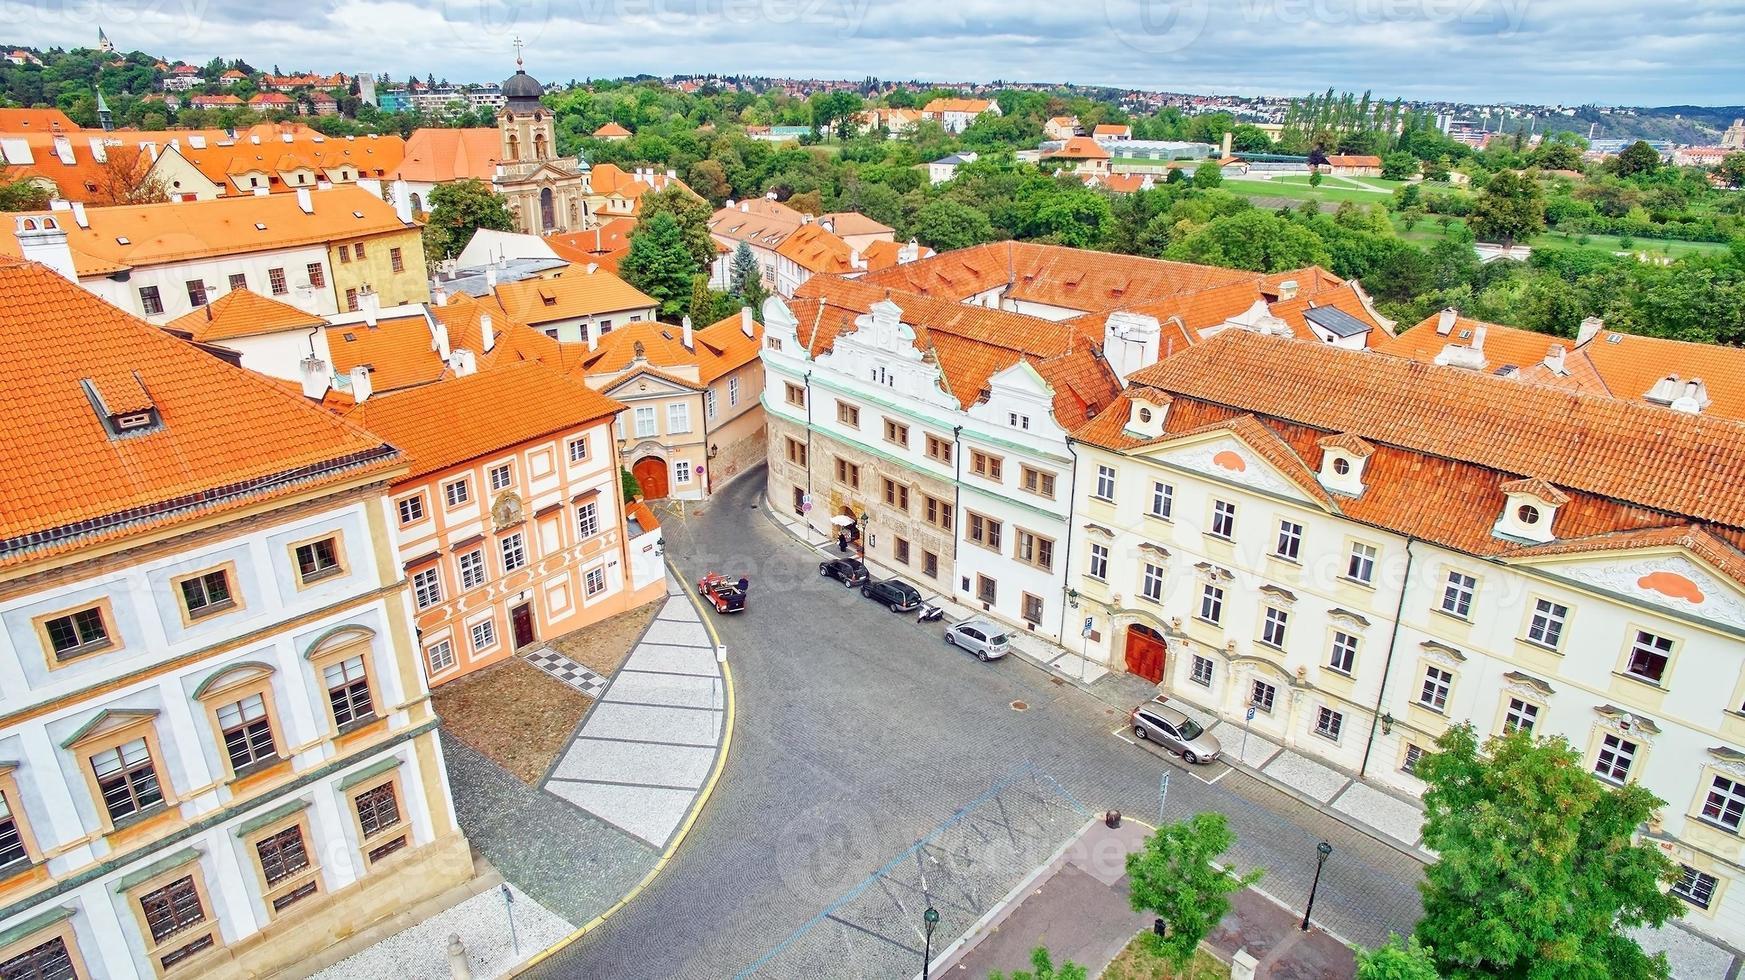 Prager Burggebiet. Tschechien. foto